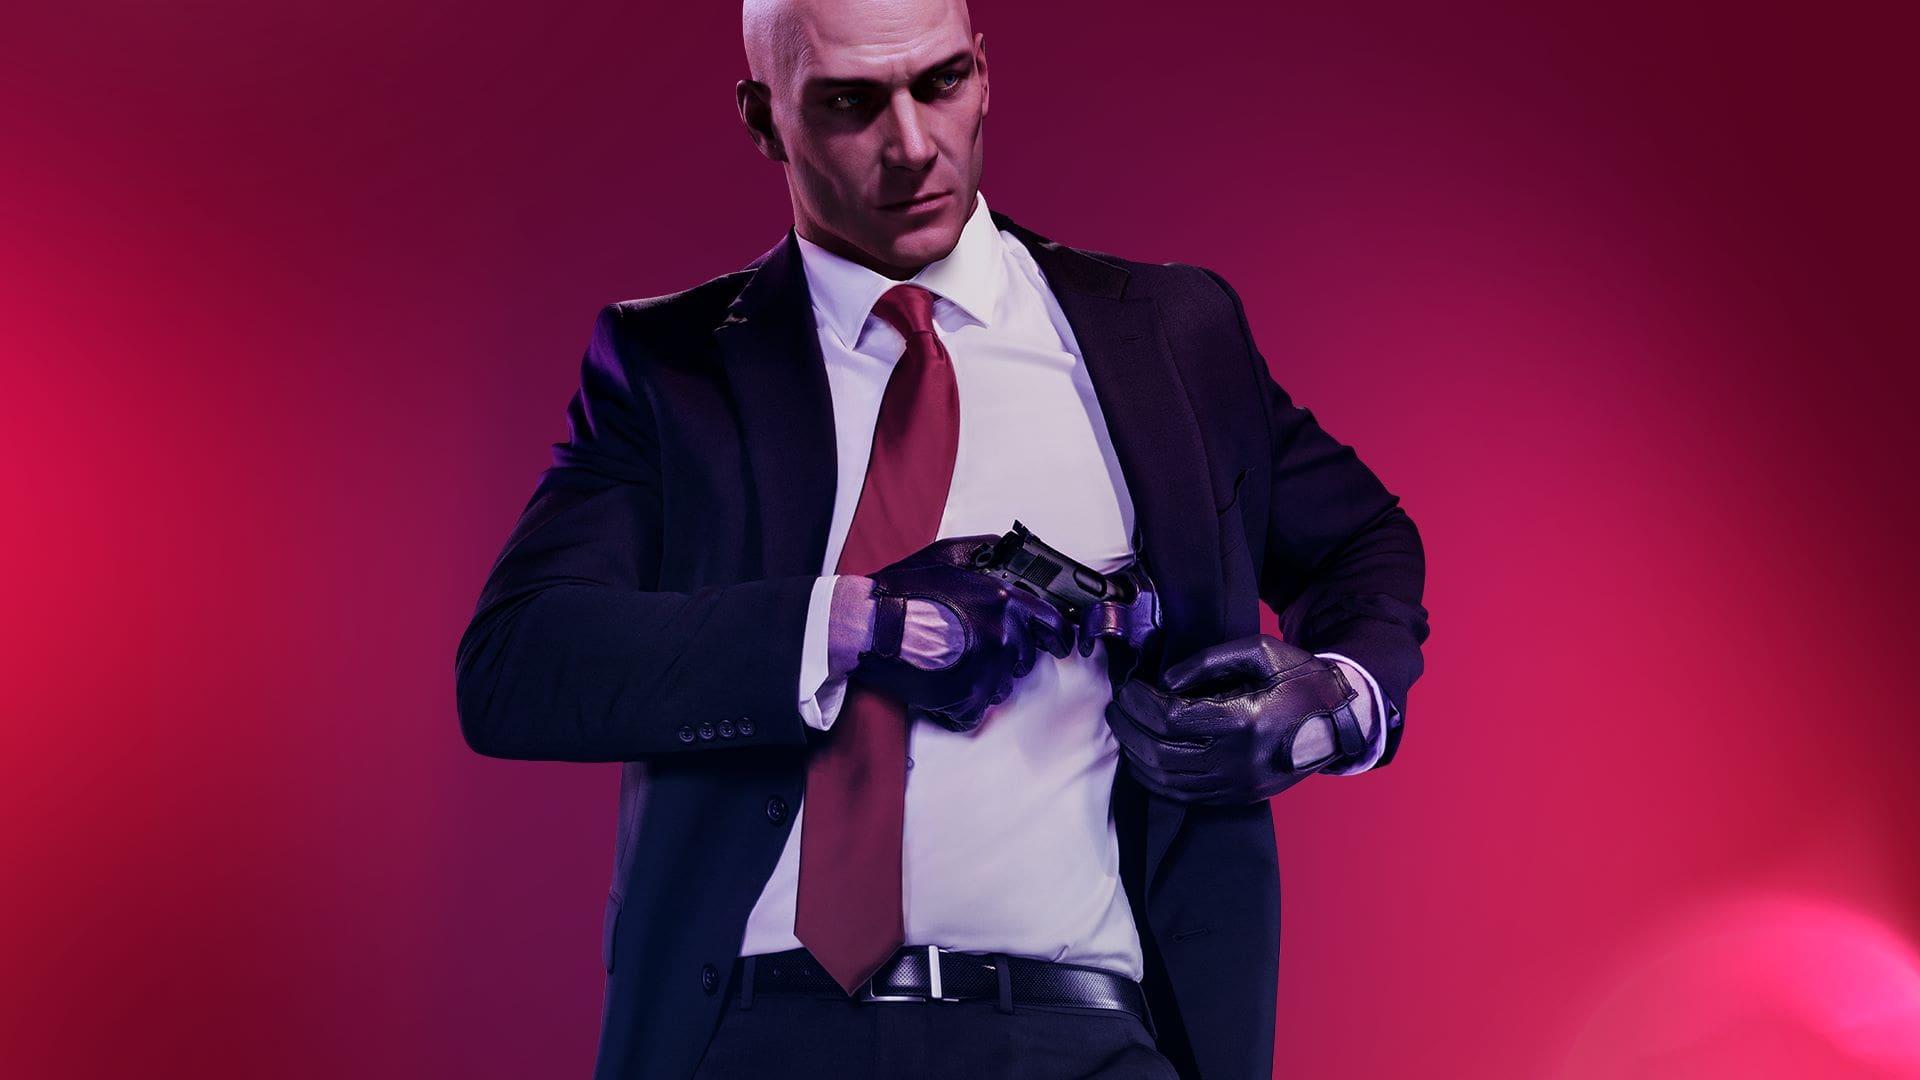 Hitman 2 główny zabójca agent 47